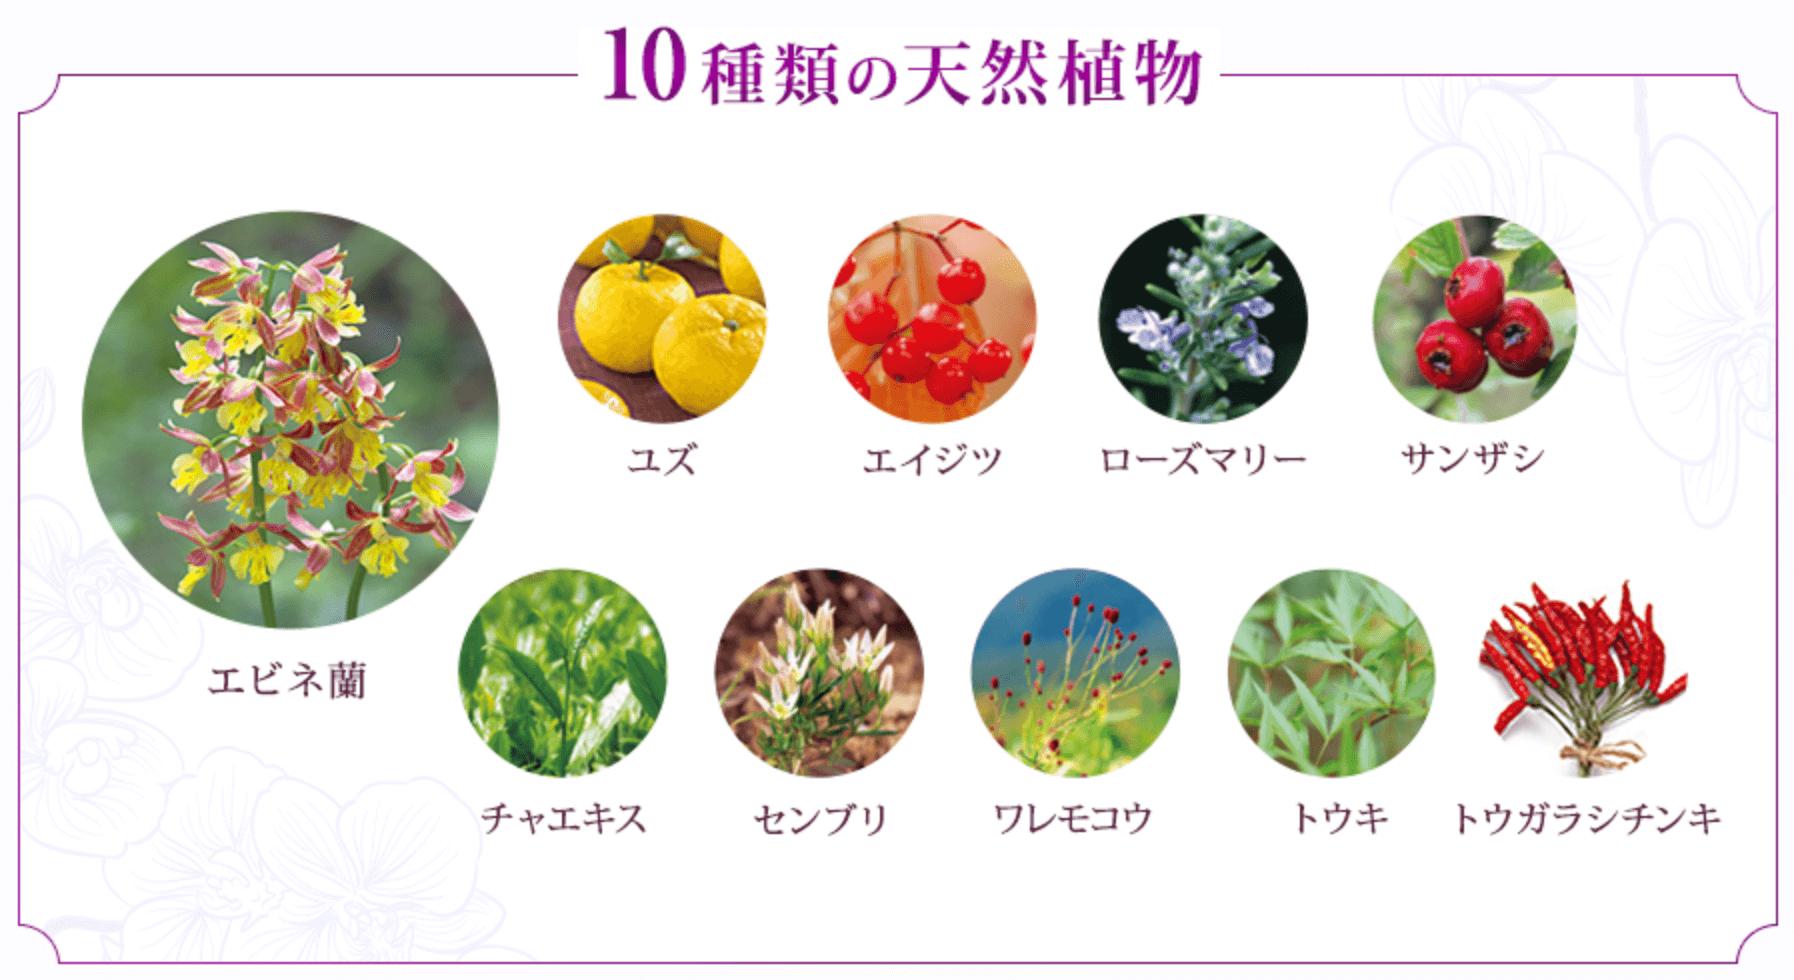 花蘭咲に使われている10種類の天然植物